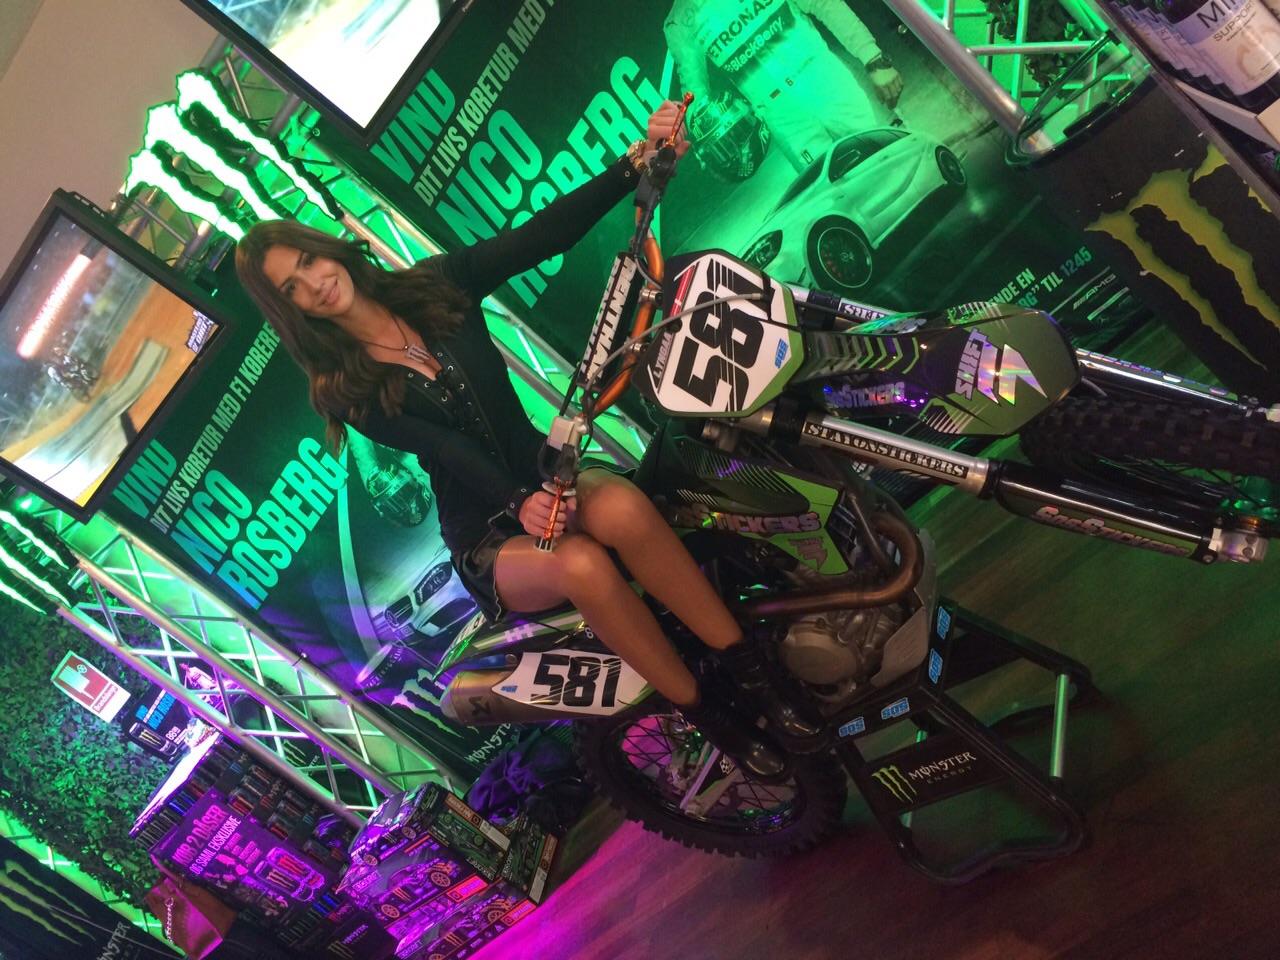 bfi tradeshow kolding denmark monster energy girls monstergirls